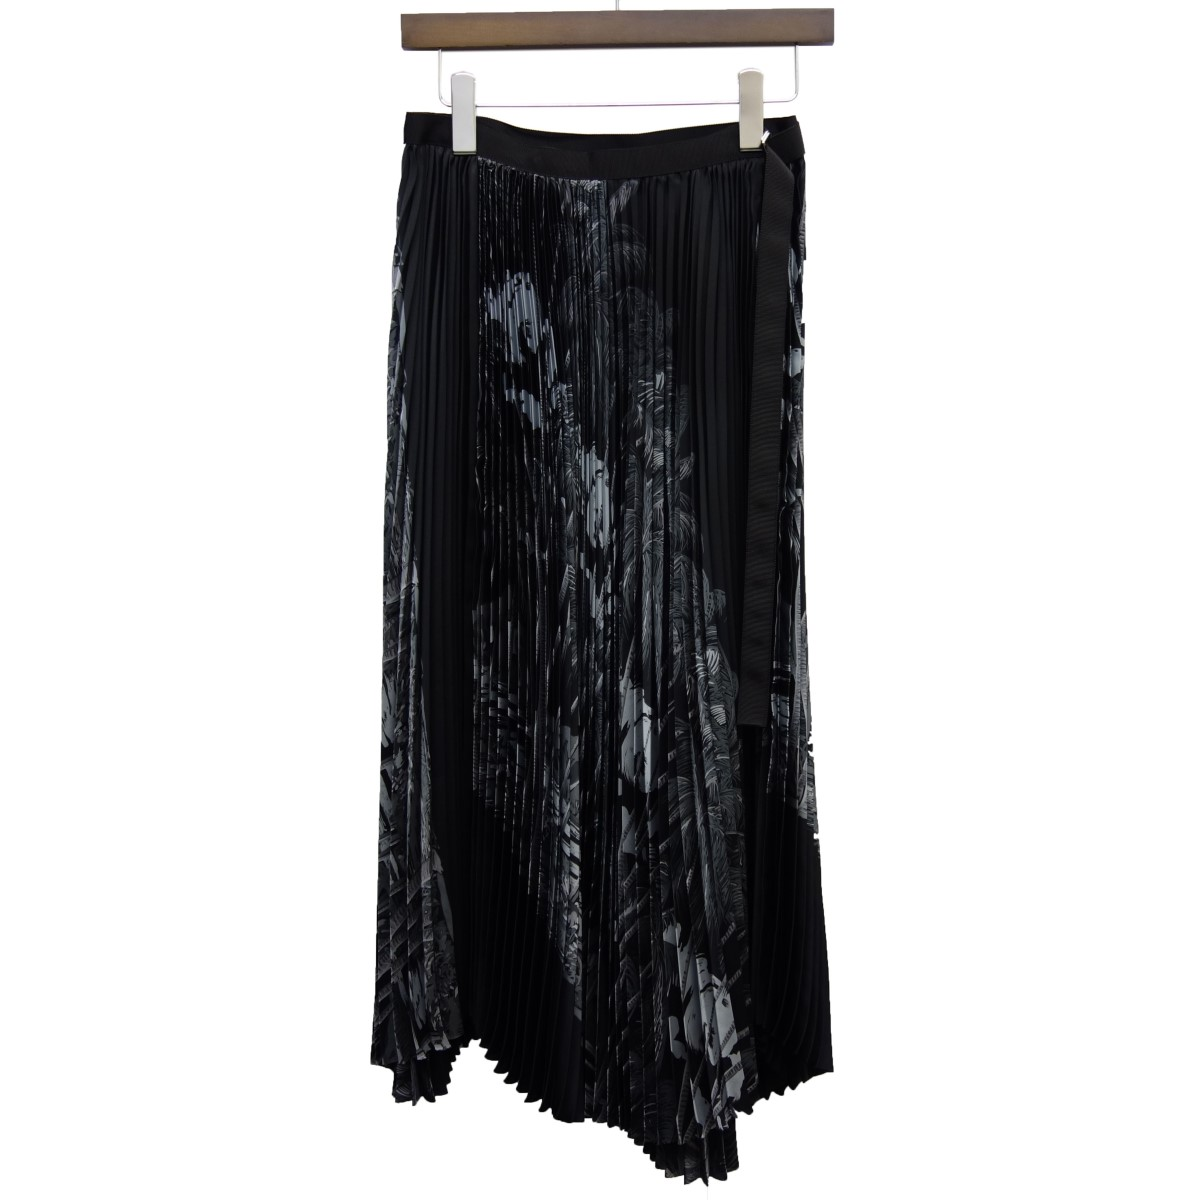 【中古】sacai × SUN SURF 20SS「Diamond Head Pleated Skirt」総柄ラッププリーツスカート ブラック サイズ:2 【030420】(サカイ サンサーフ)